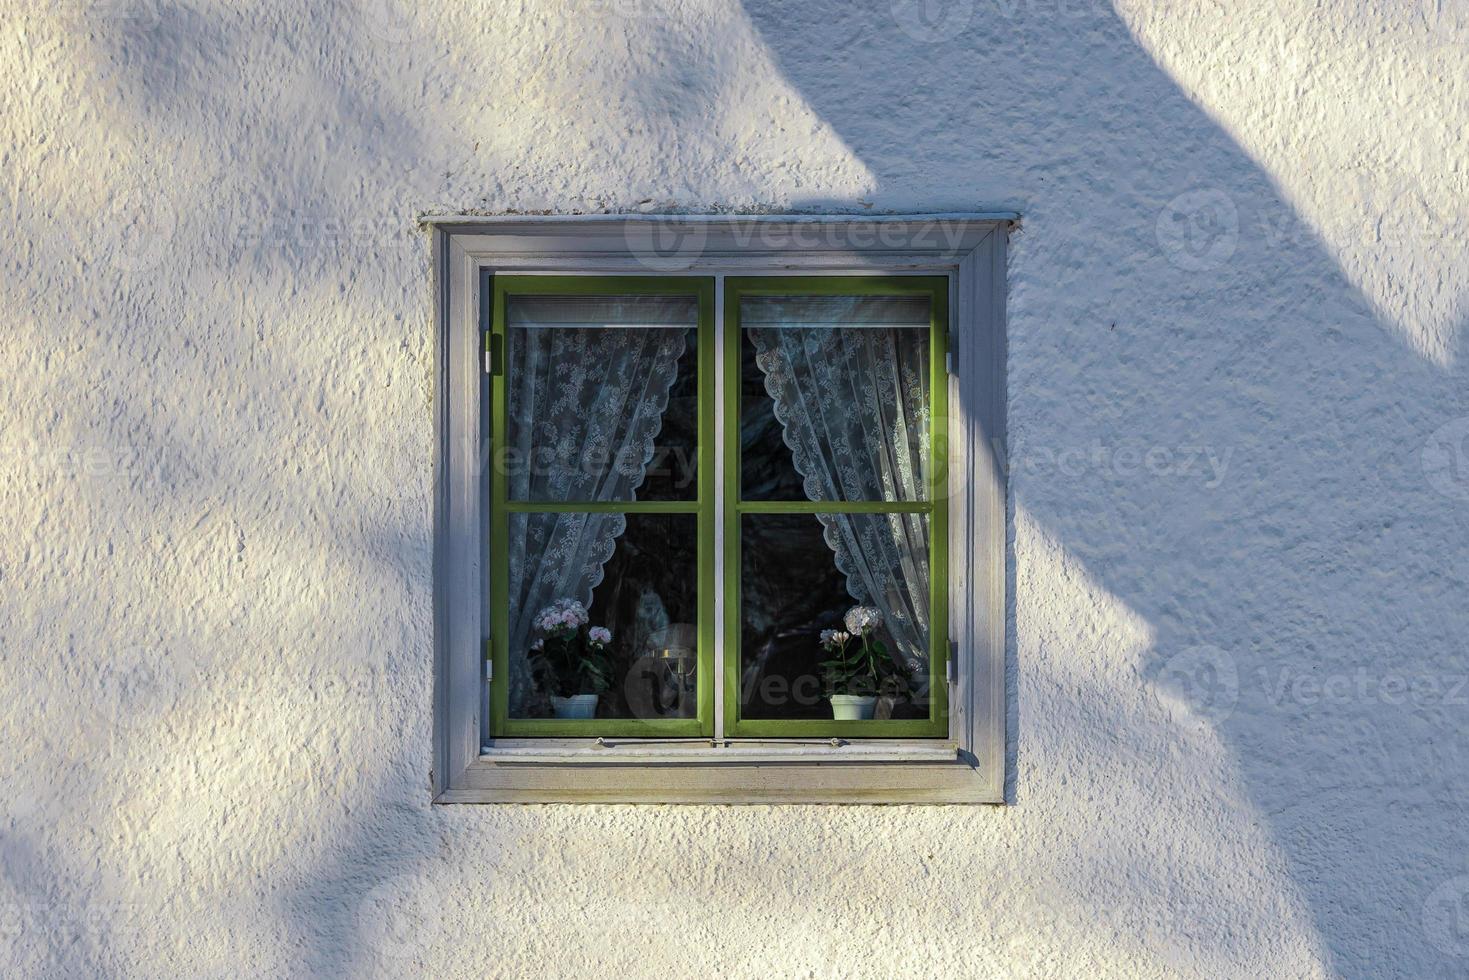 gammalt fönster med grön ram på en vit stenmur foto